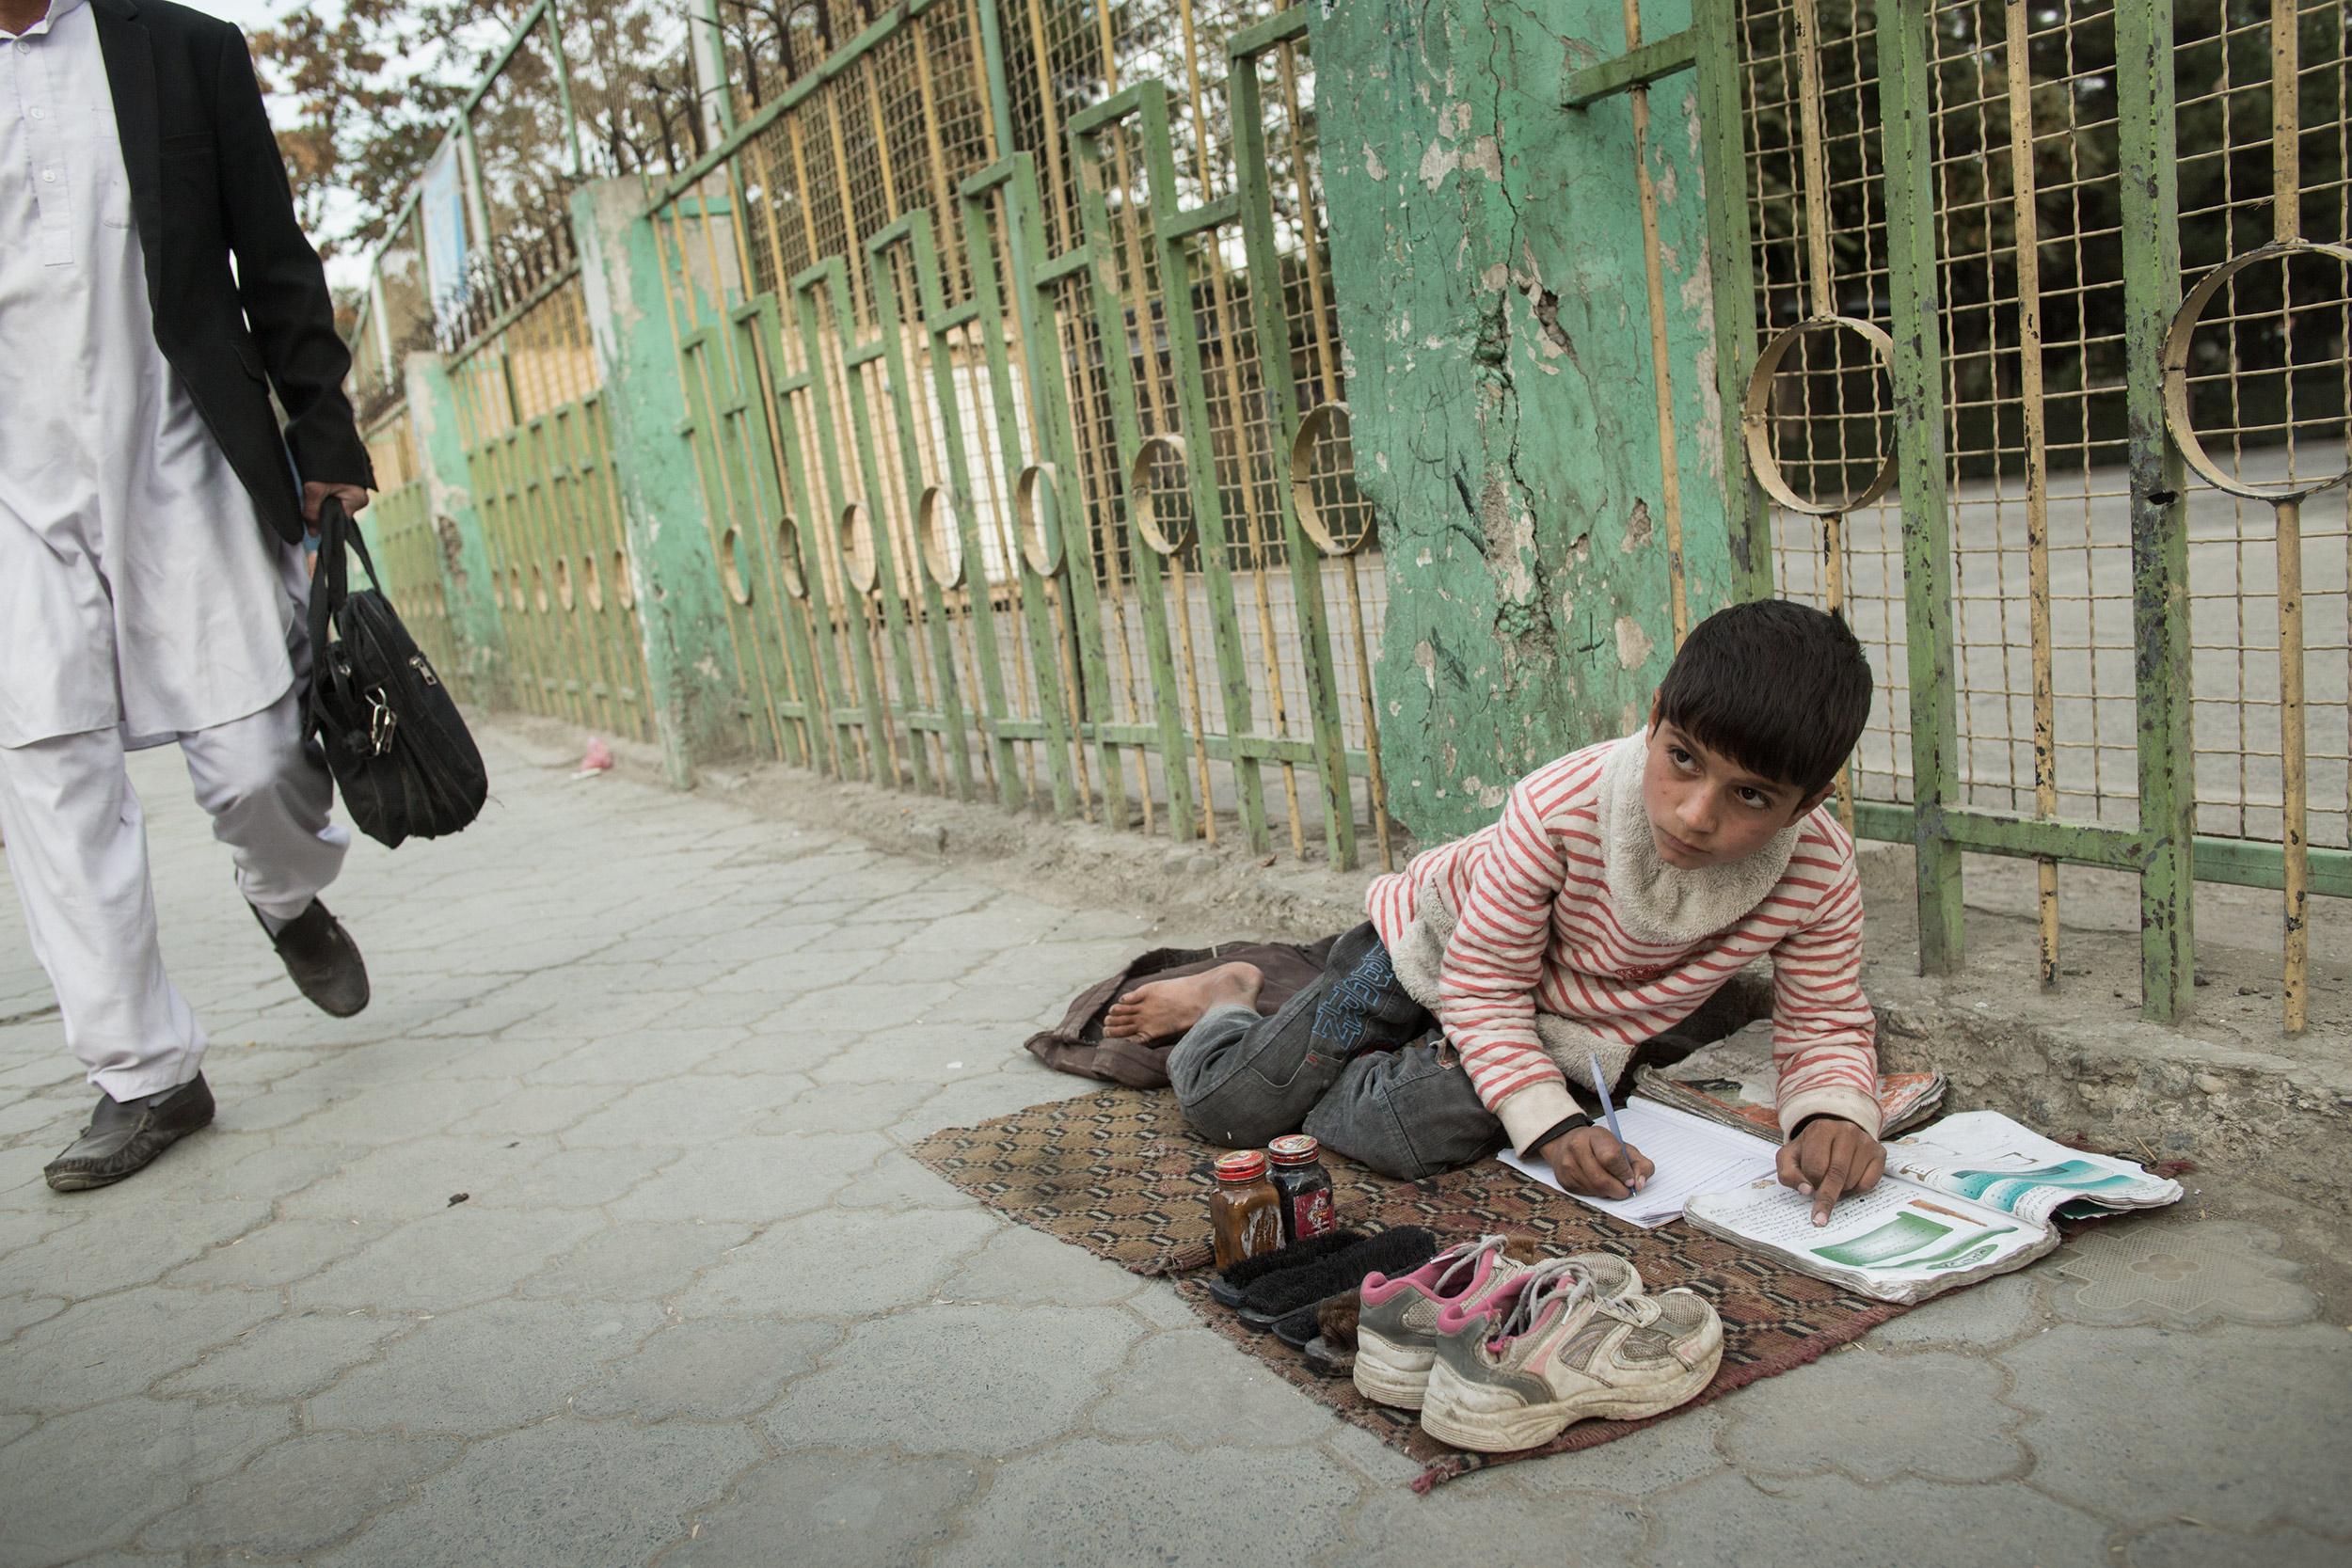 Afghanistan, October 21, 2015